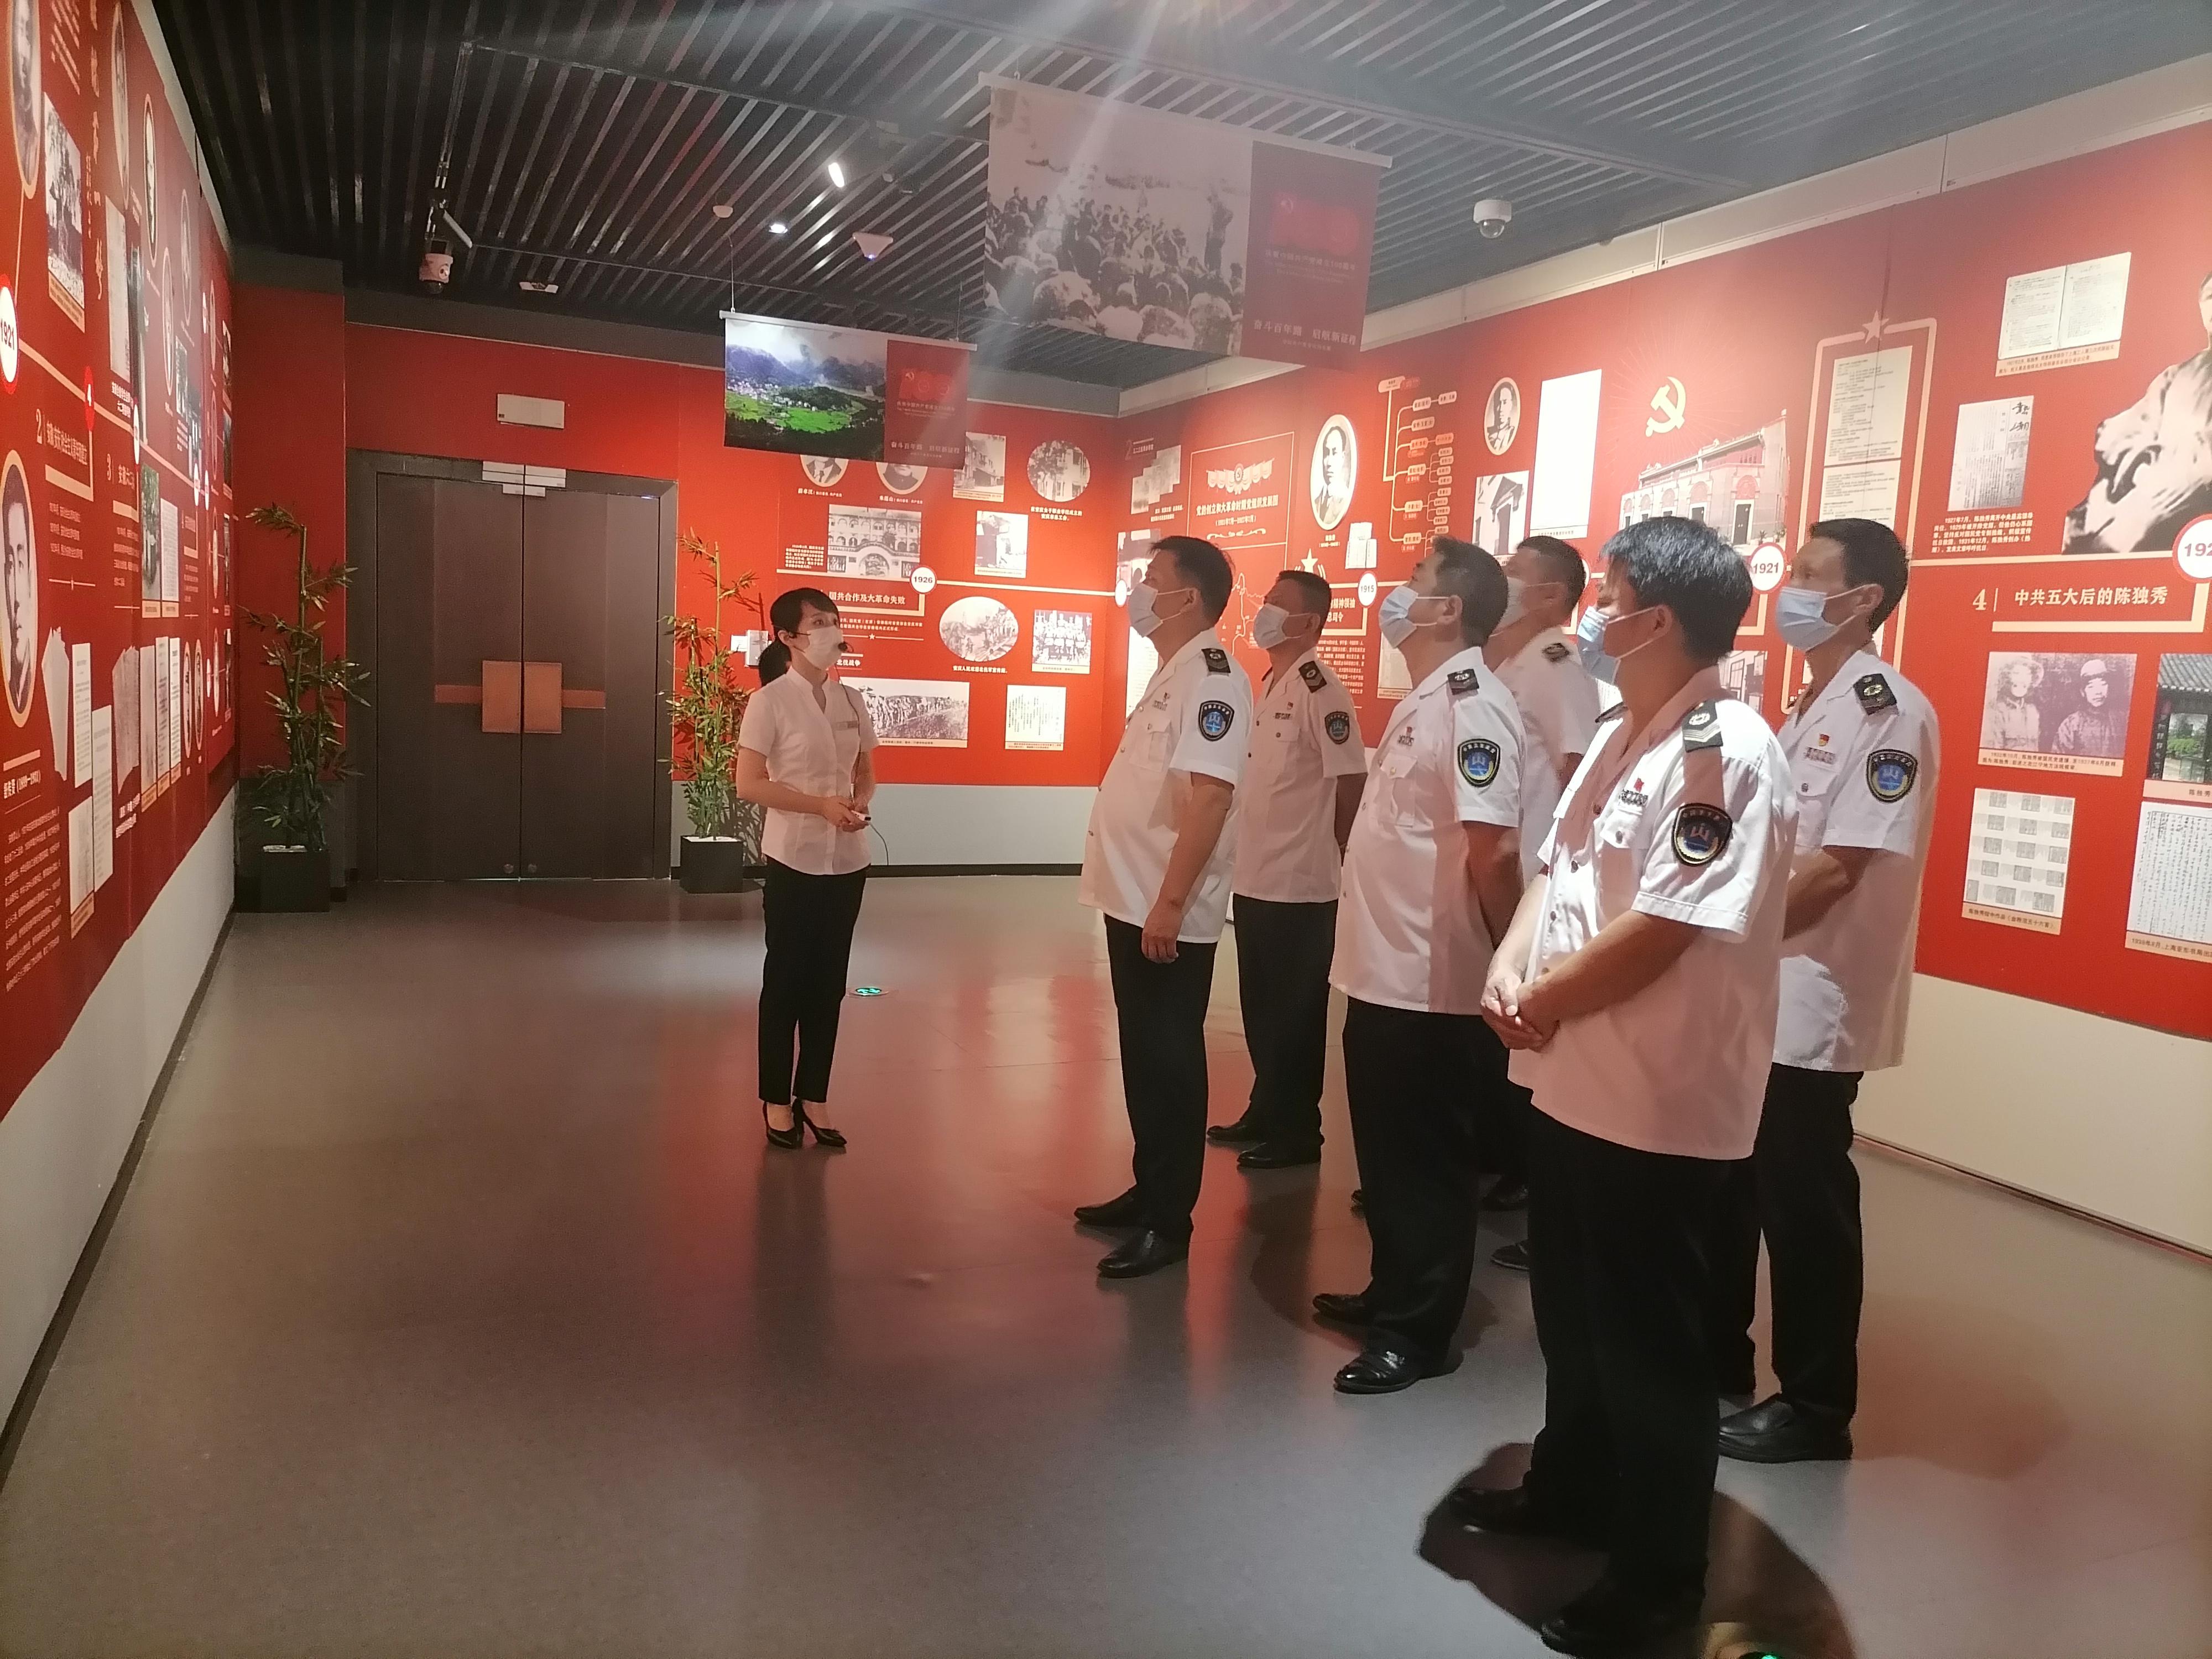 市卫生监督处组织参观中国共产党安庆历史展